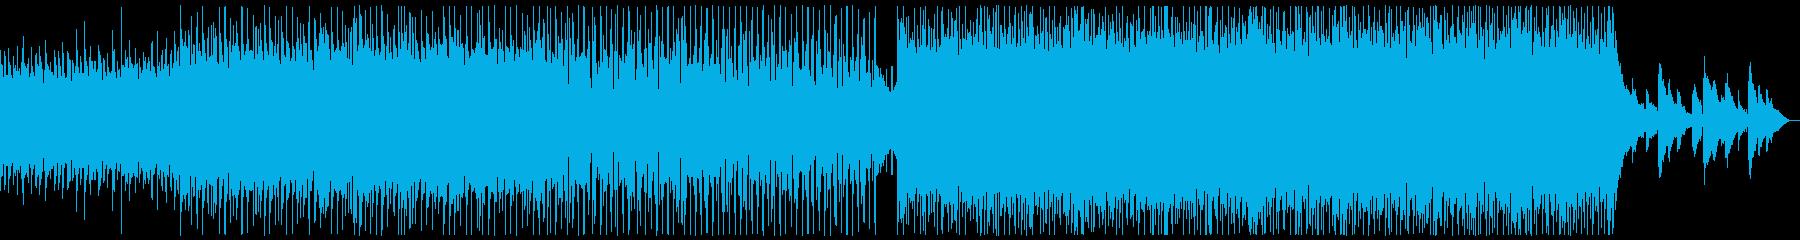 【生演奏】爽やか、アコースティックポップの再生済みの波形